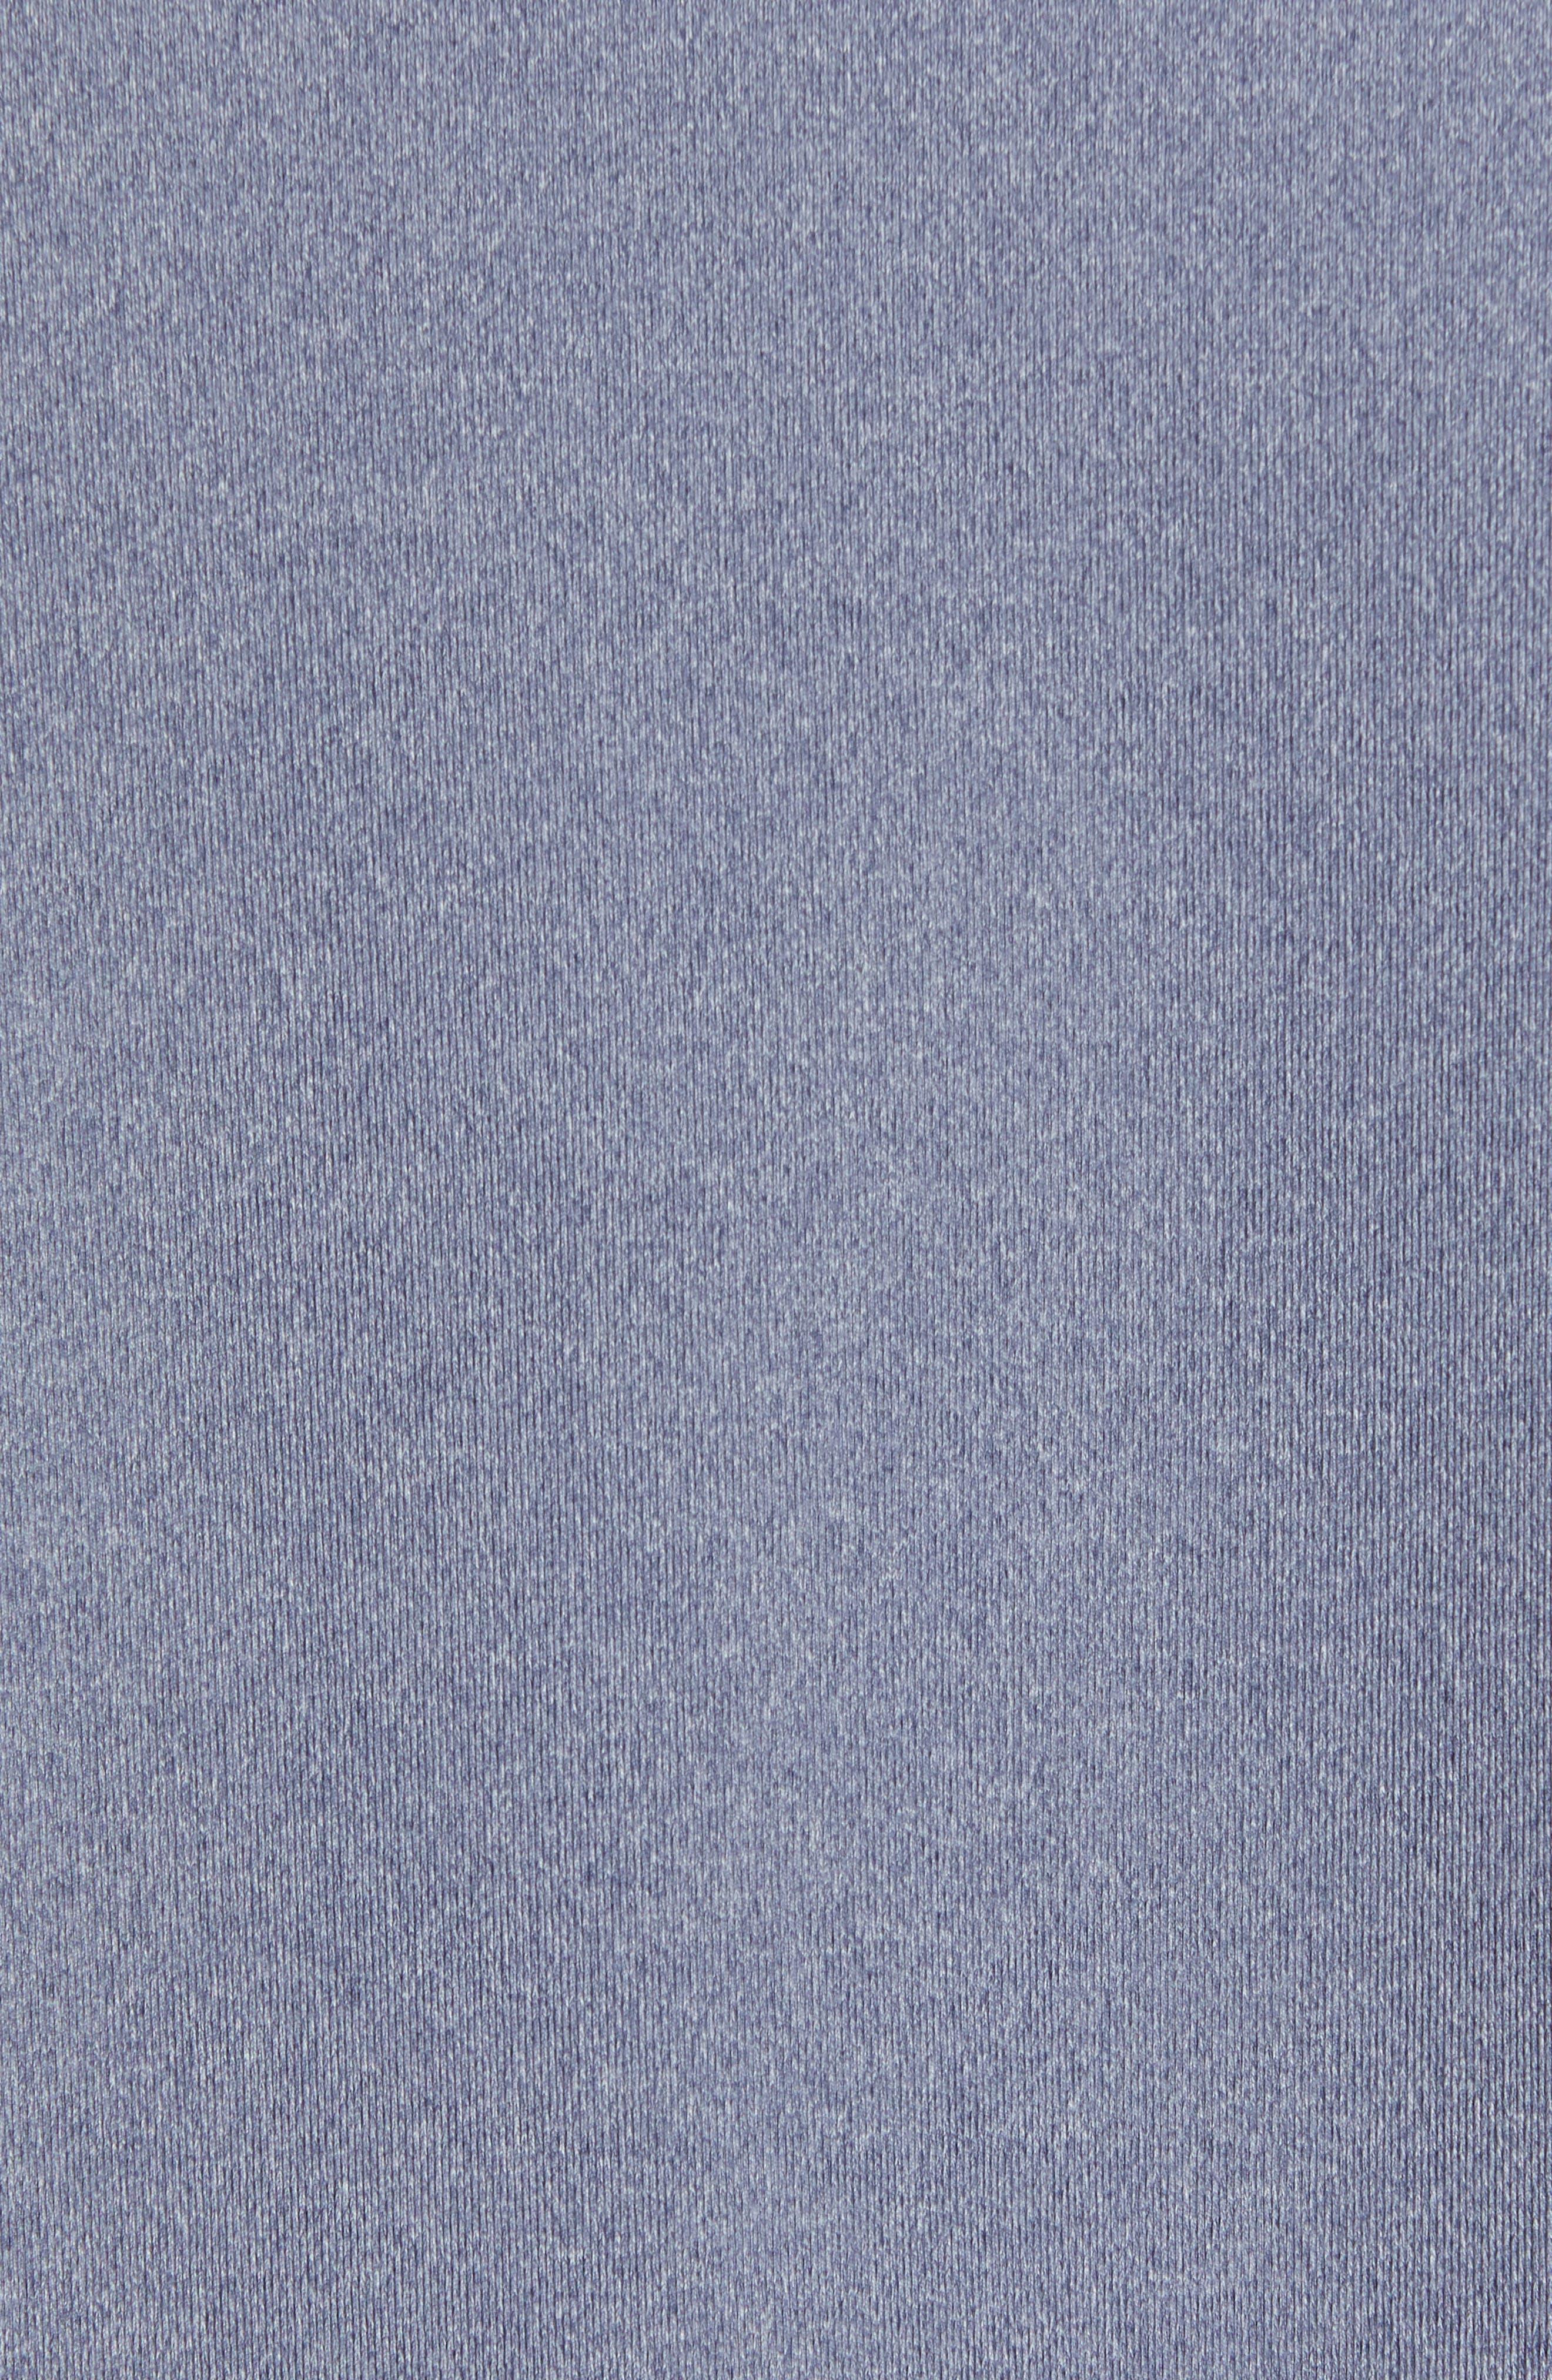 BOBBY JONES, Rule 18 Quarter Zip Tech Pullover, Alternate thumbnail 6, color, NAVY